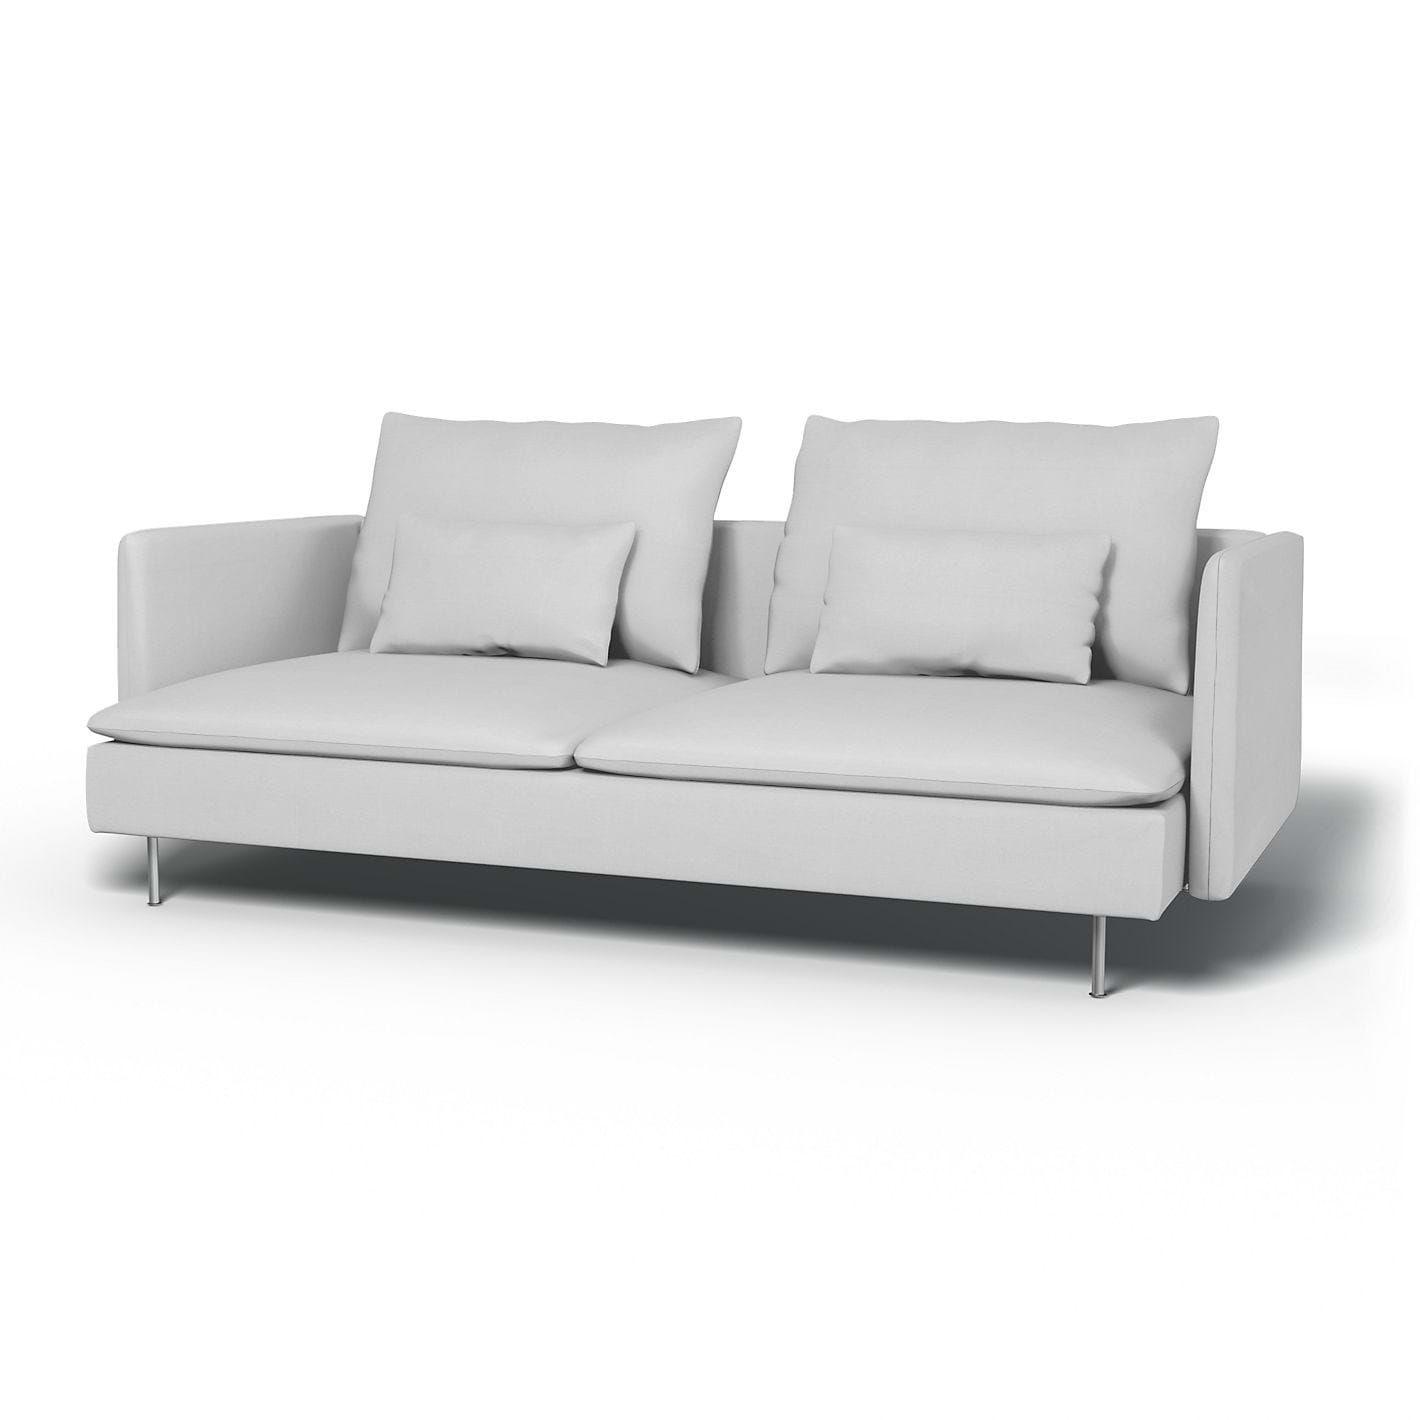 Shop Original High Quality High Design Extra Replacement Ikea